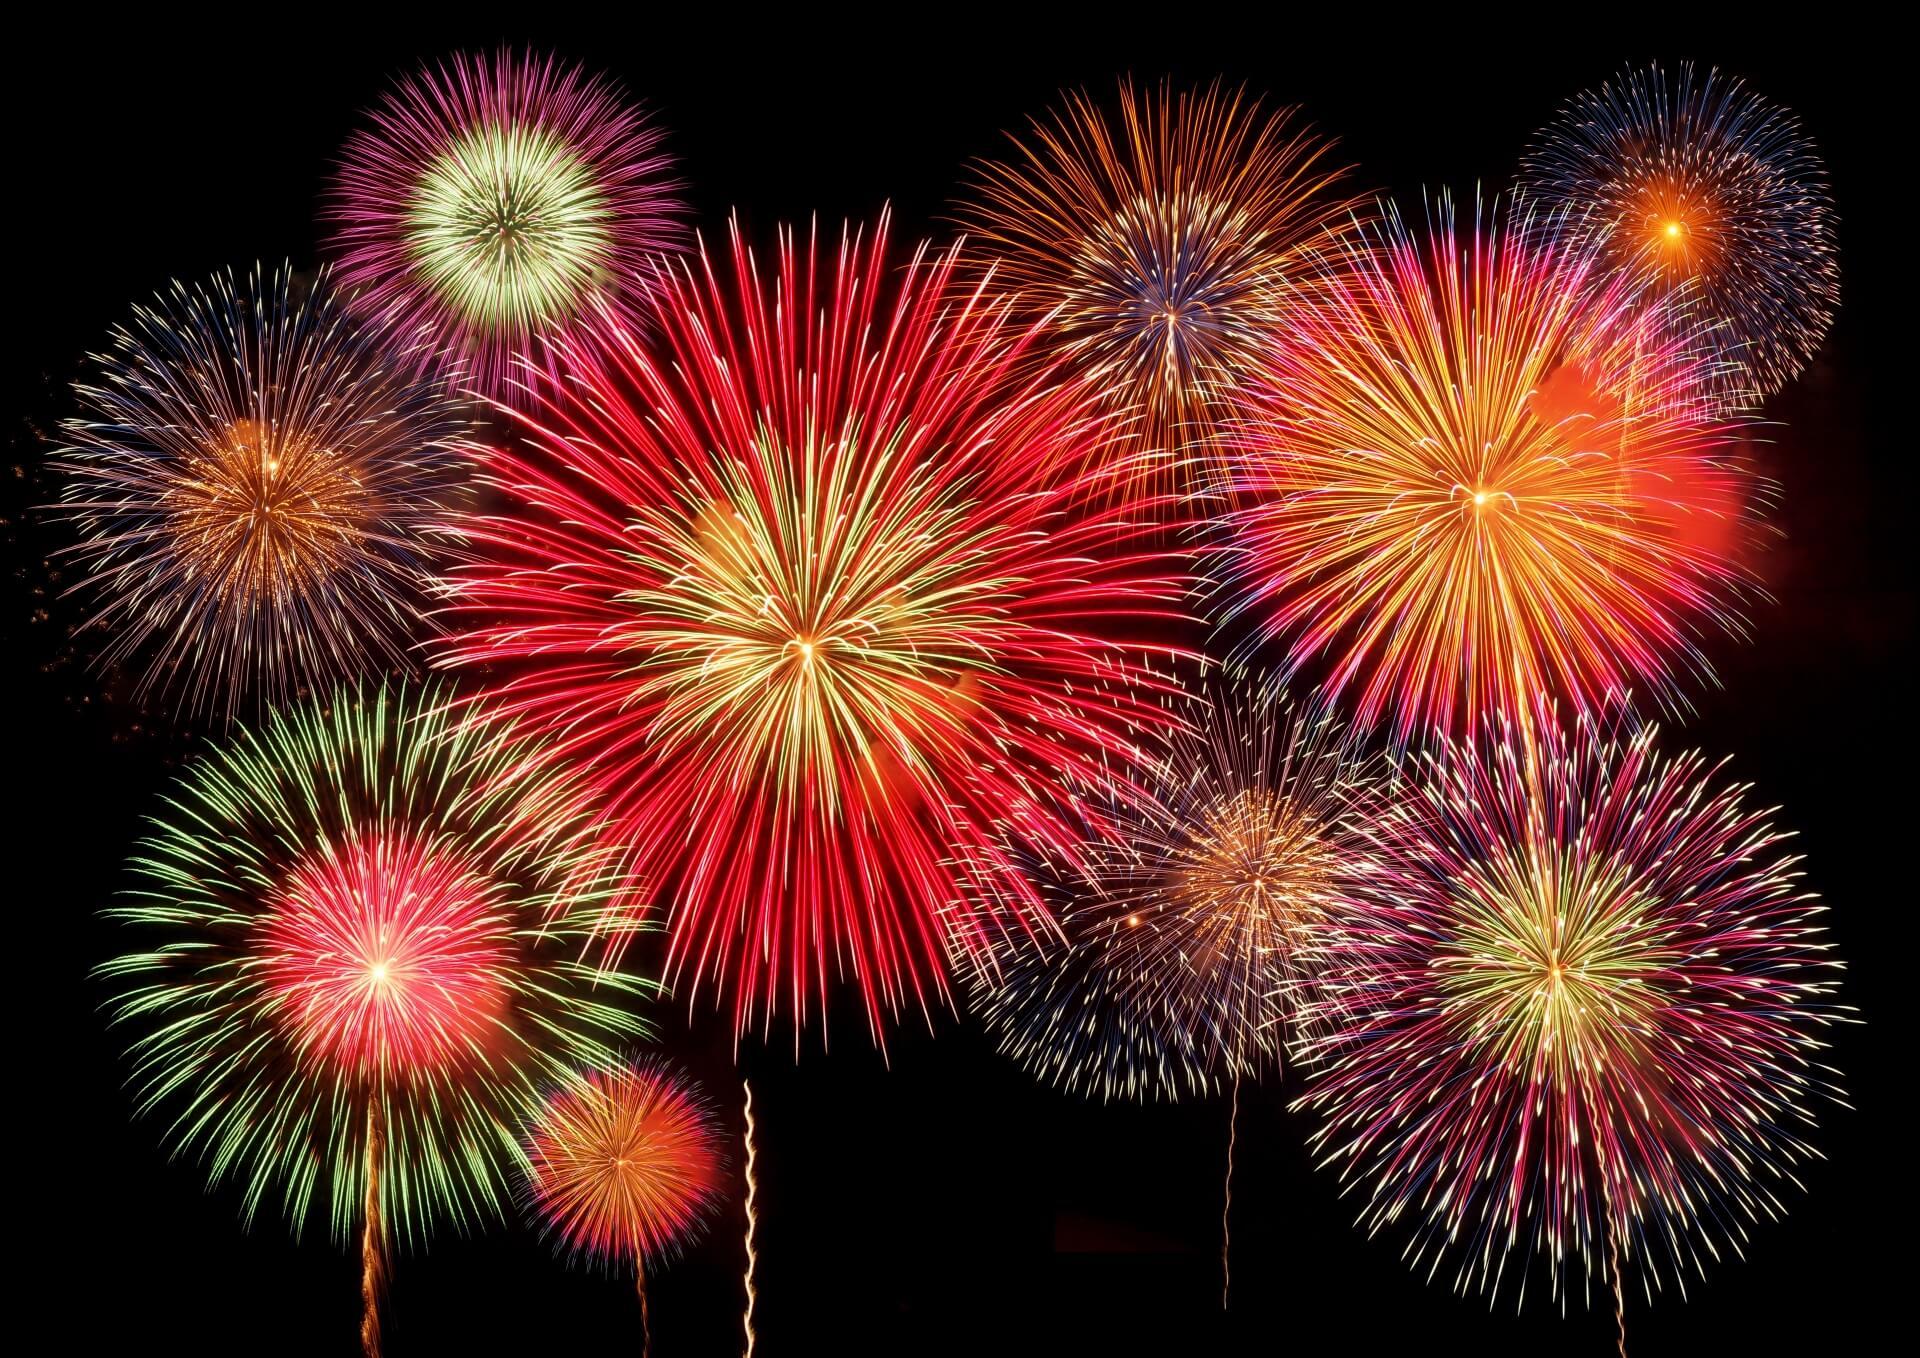 夏だ!花火だ!関西だ!夏の関西で楽しむことのできるおすすめ花火大会!